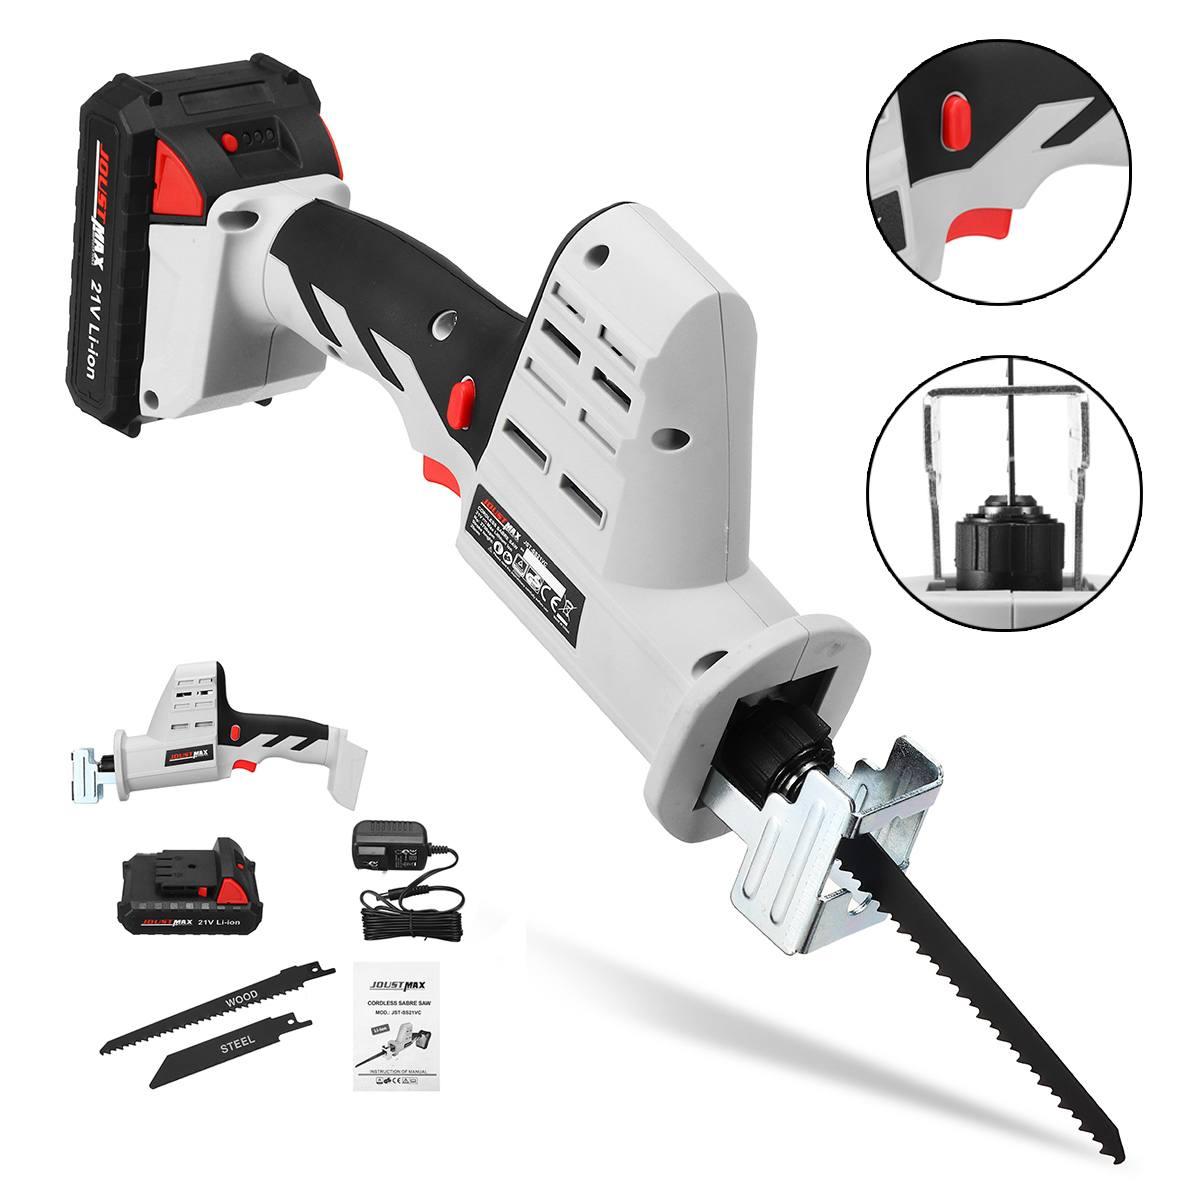 Scie alternative 21V avec batterie scie électrique Portable sans fil lames de chargement de batterie scies à chaîne en métal en bois outil de coupe